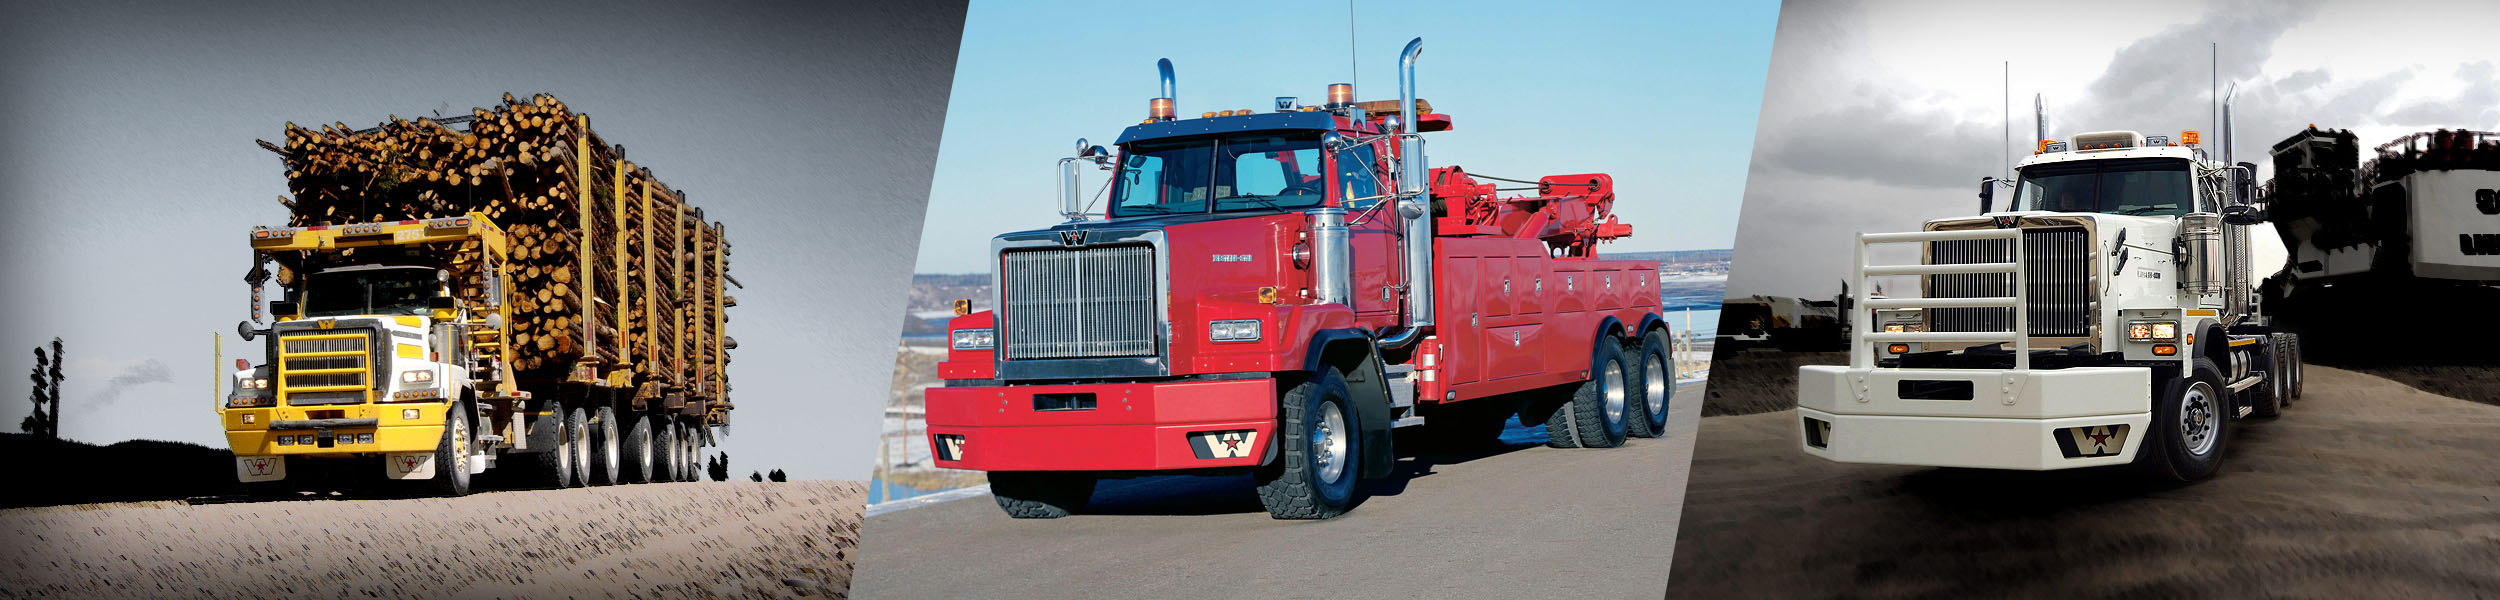 Heavy Western 6900 Haul Star